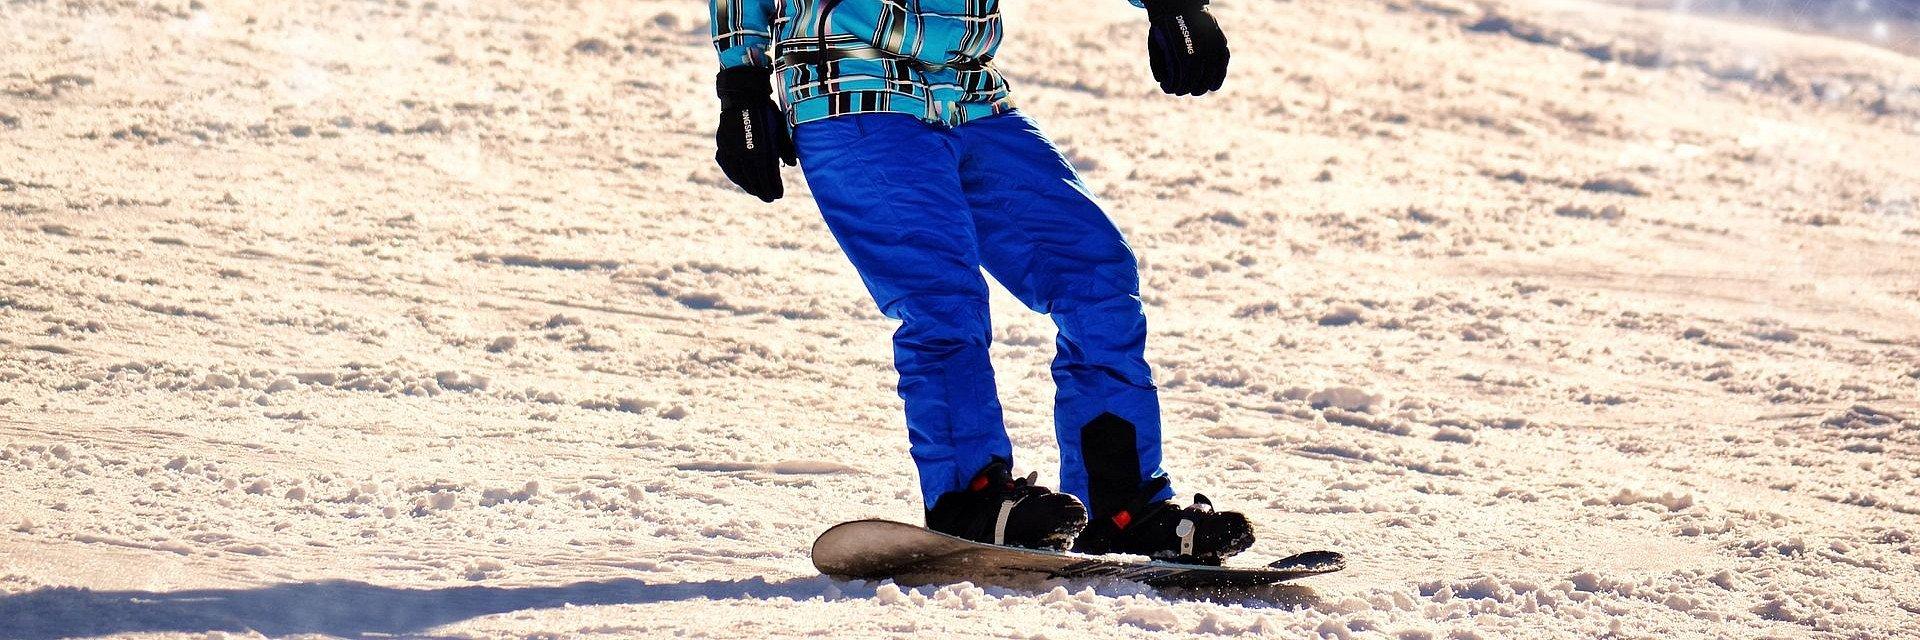 Urazy na stoku - jak przygotować się do sportów zimowych?